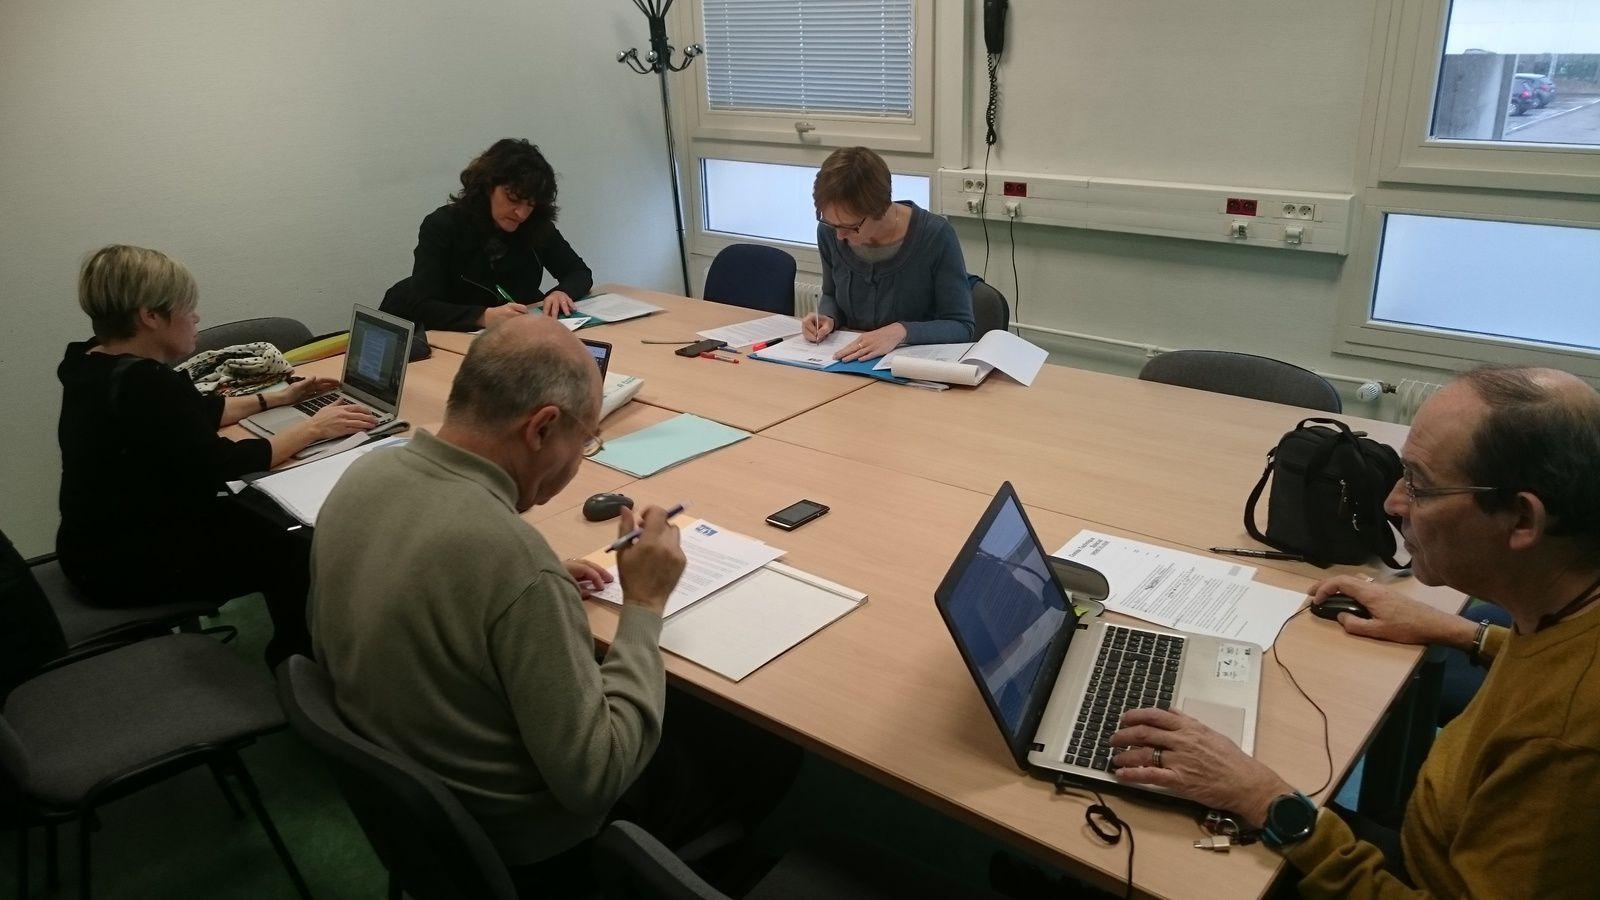 Les membres de la Fédération Unsa Education de l'académie de Reims en réunion préparatoire